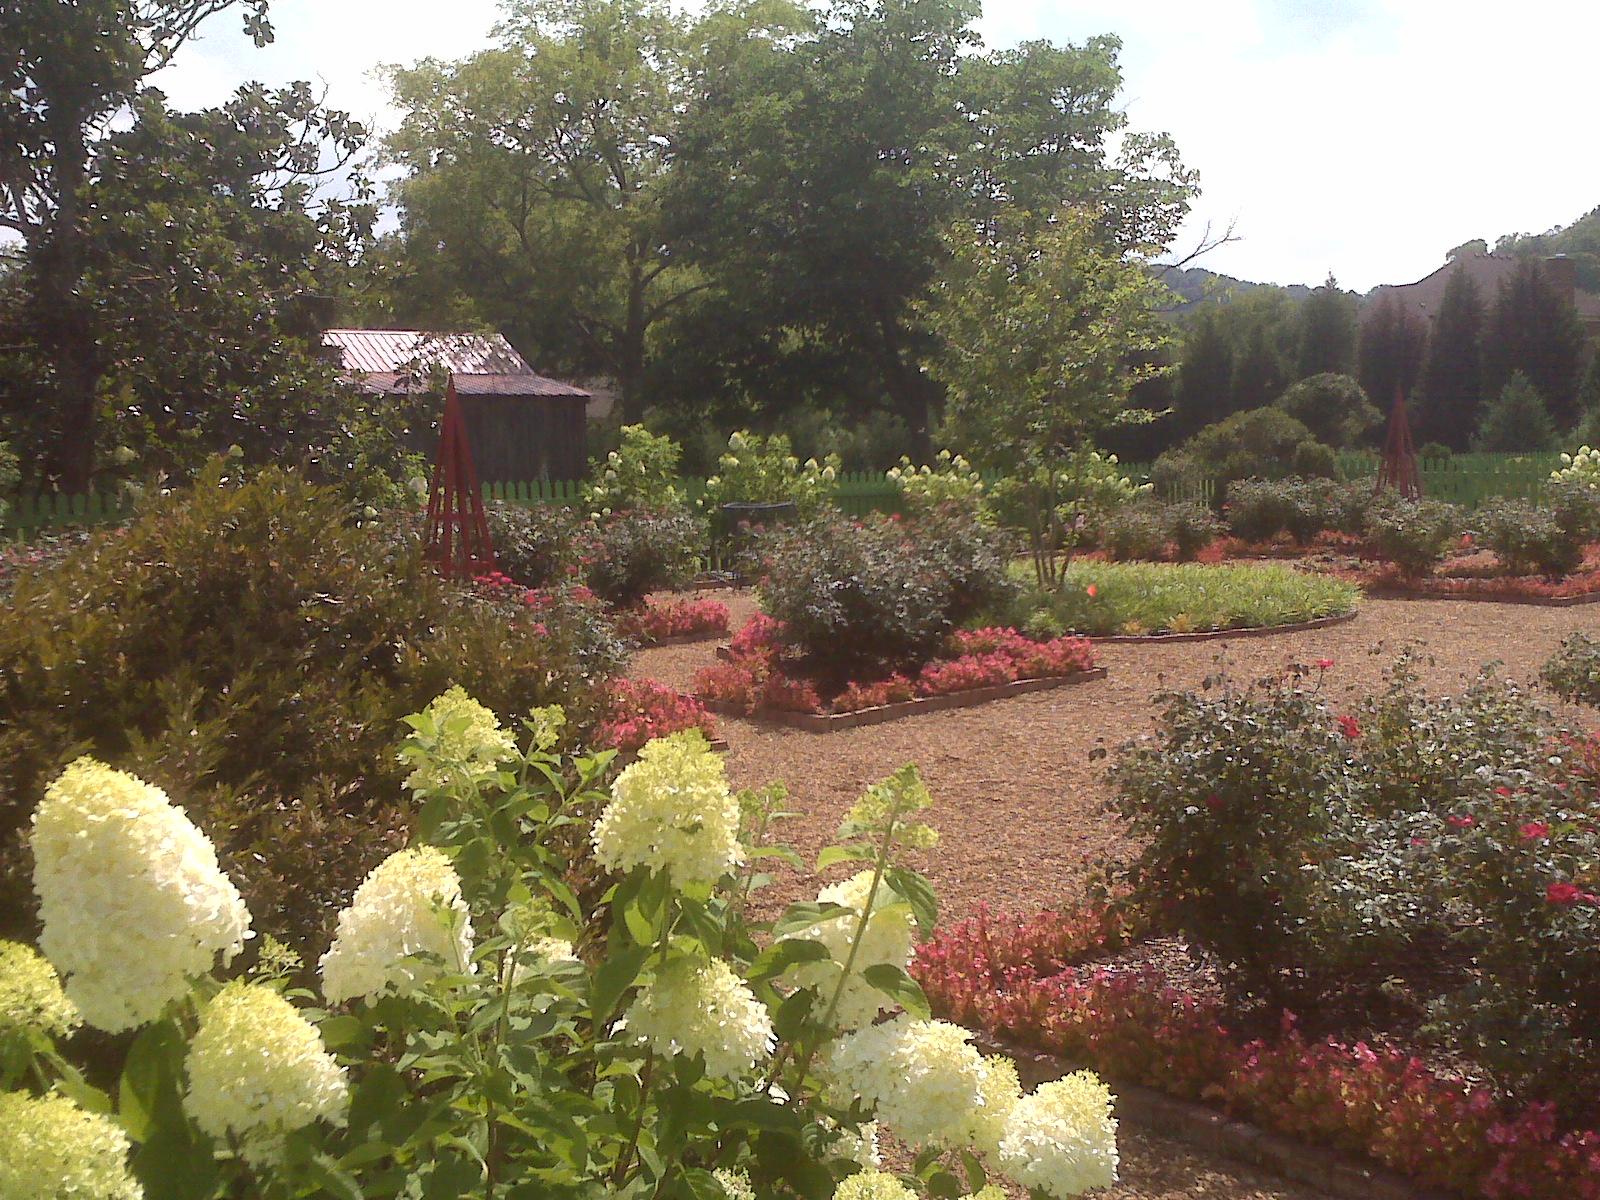 1st garden southwestward early summer 2010.jpg